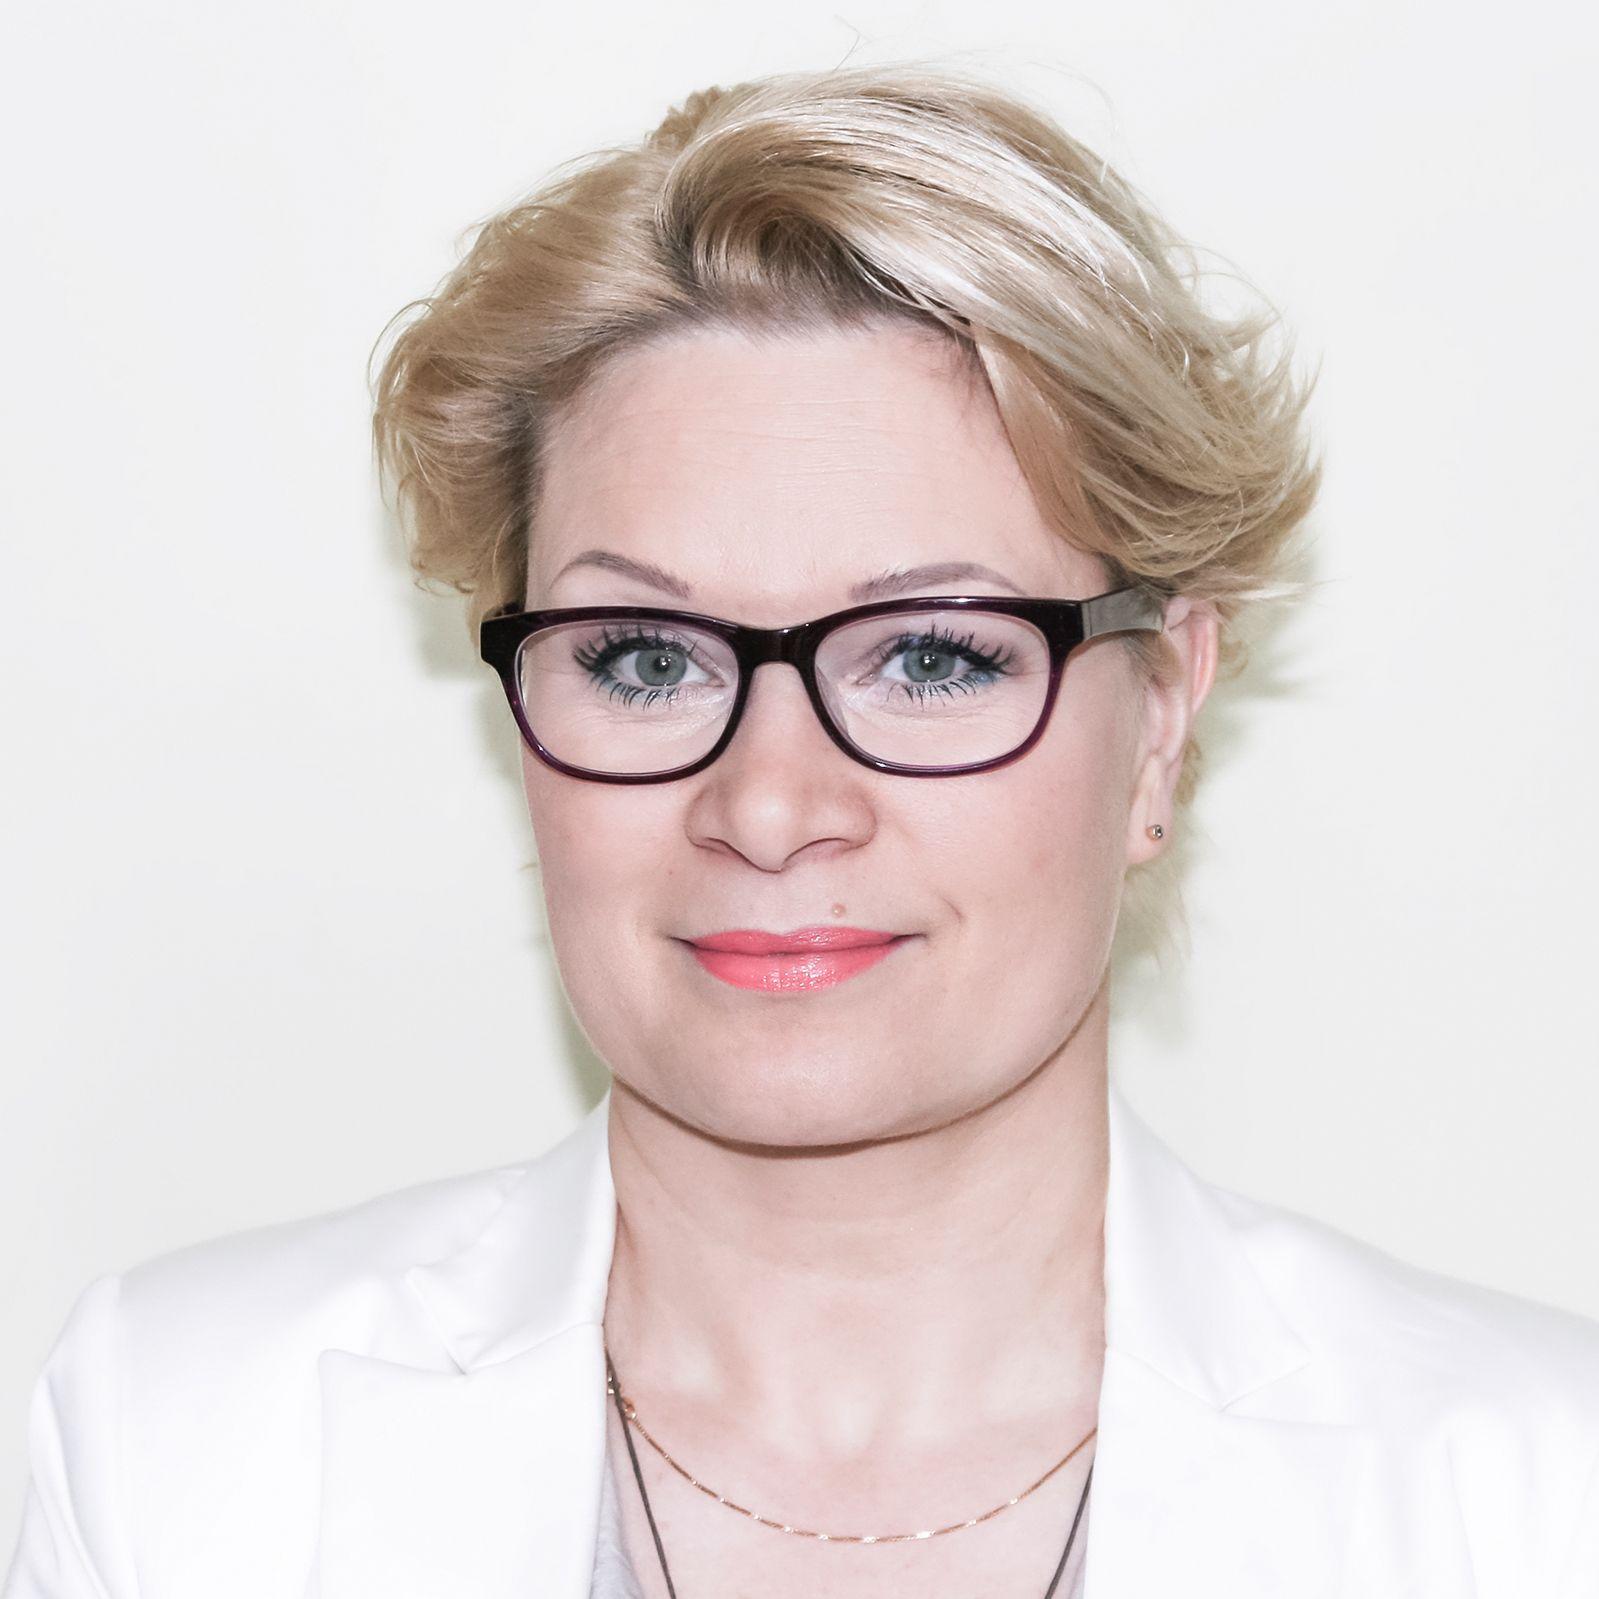 Koronawirus. Jak wspierać osoby w kryzysie psychicznym? - dr Agnieszka Mościcka-Teske i Zofia Szynal